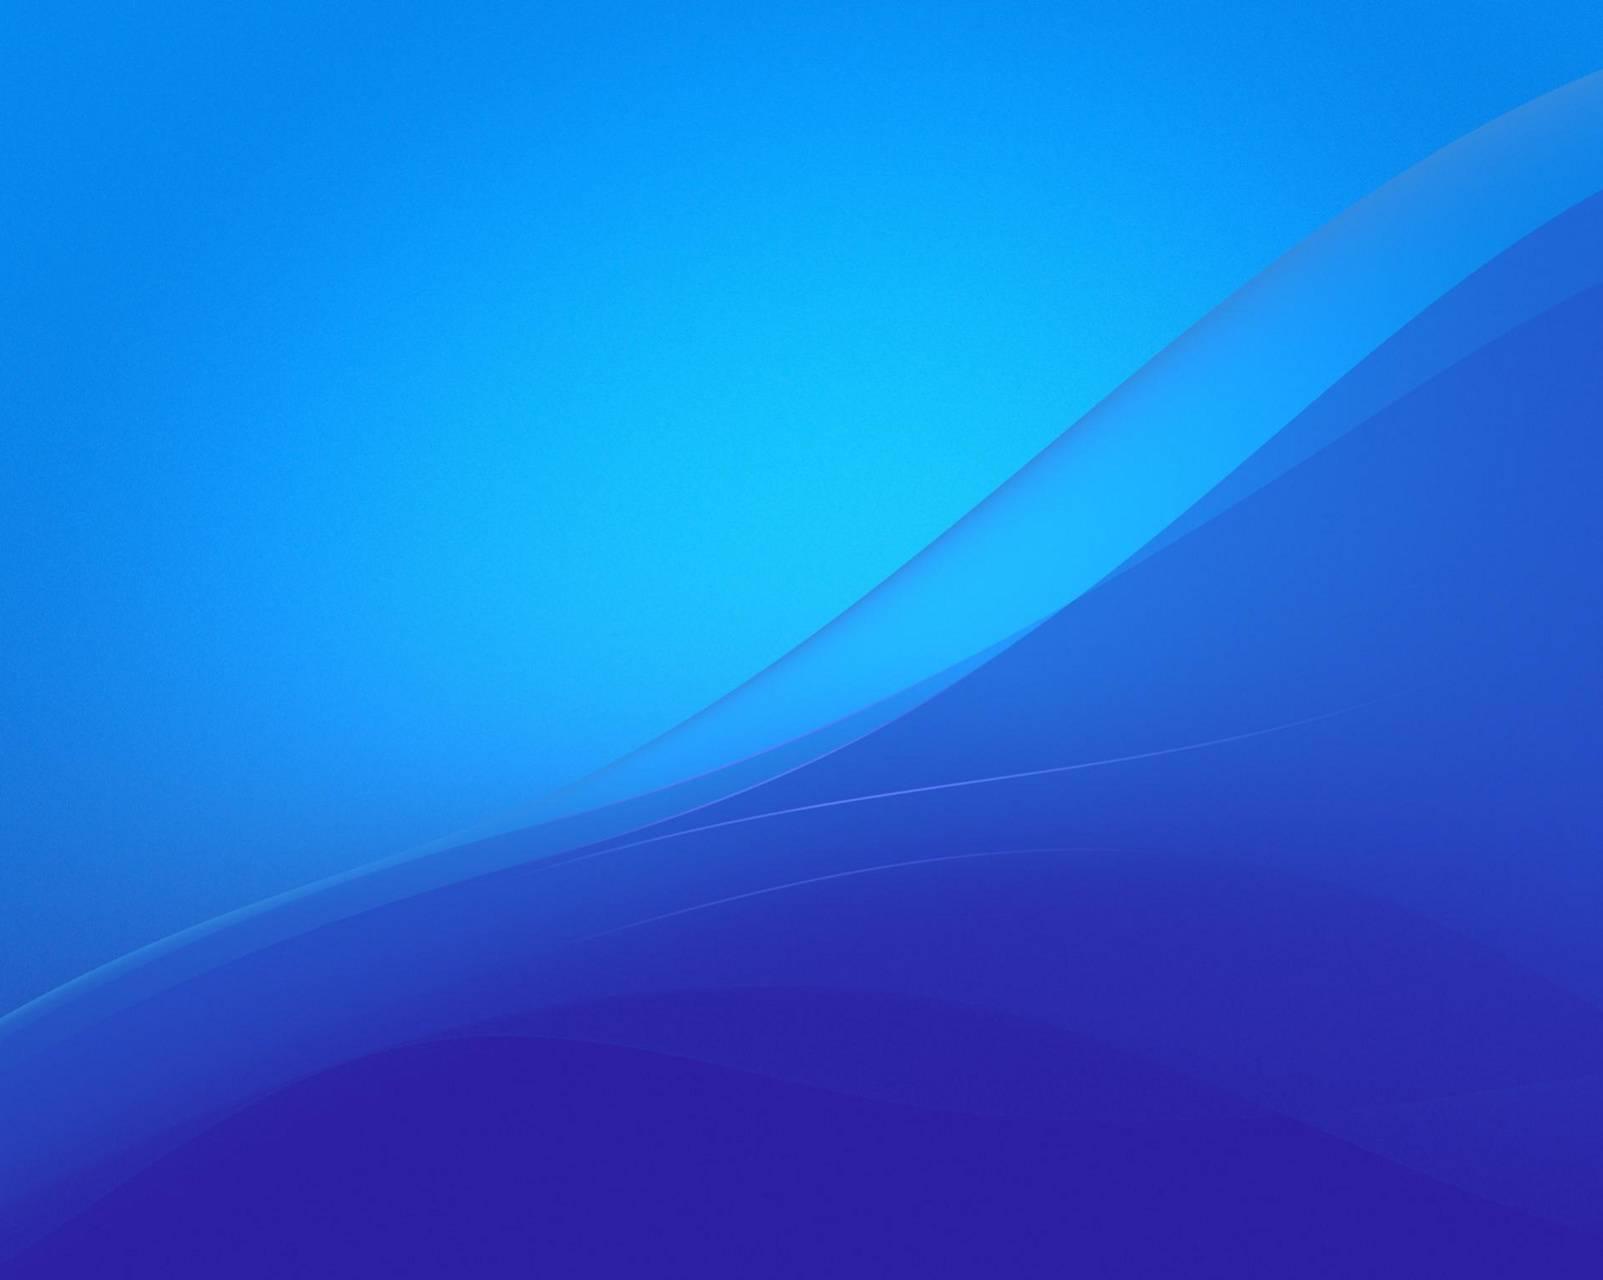 Xperia Z4 Blue